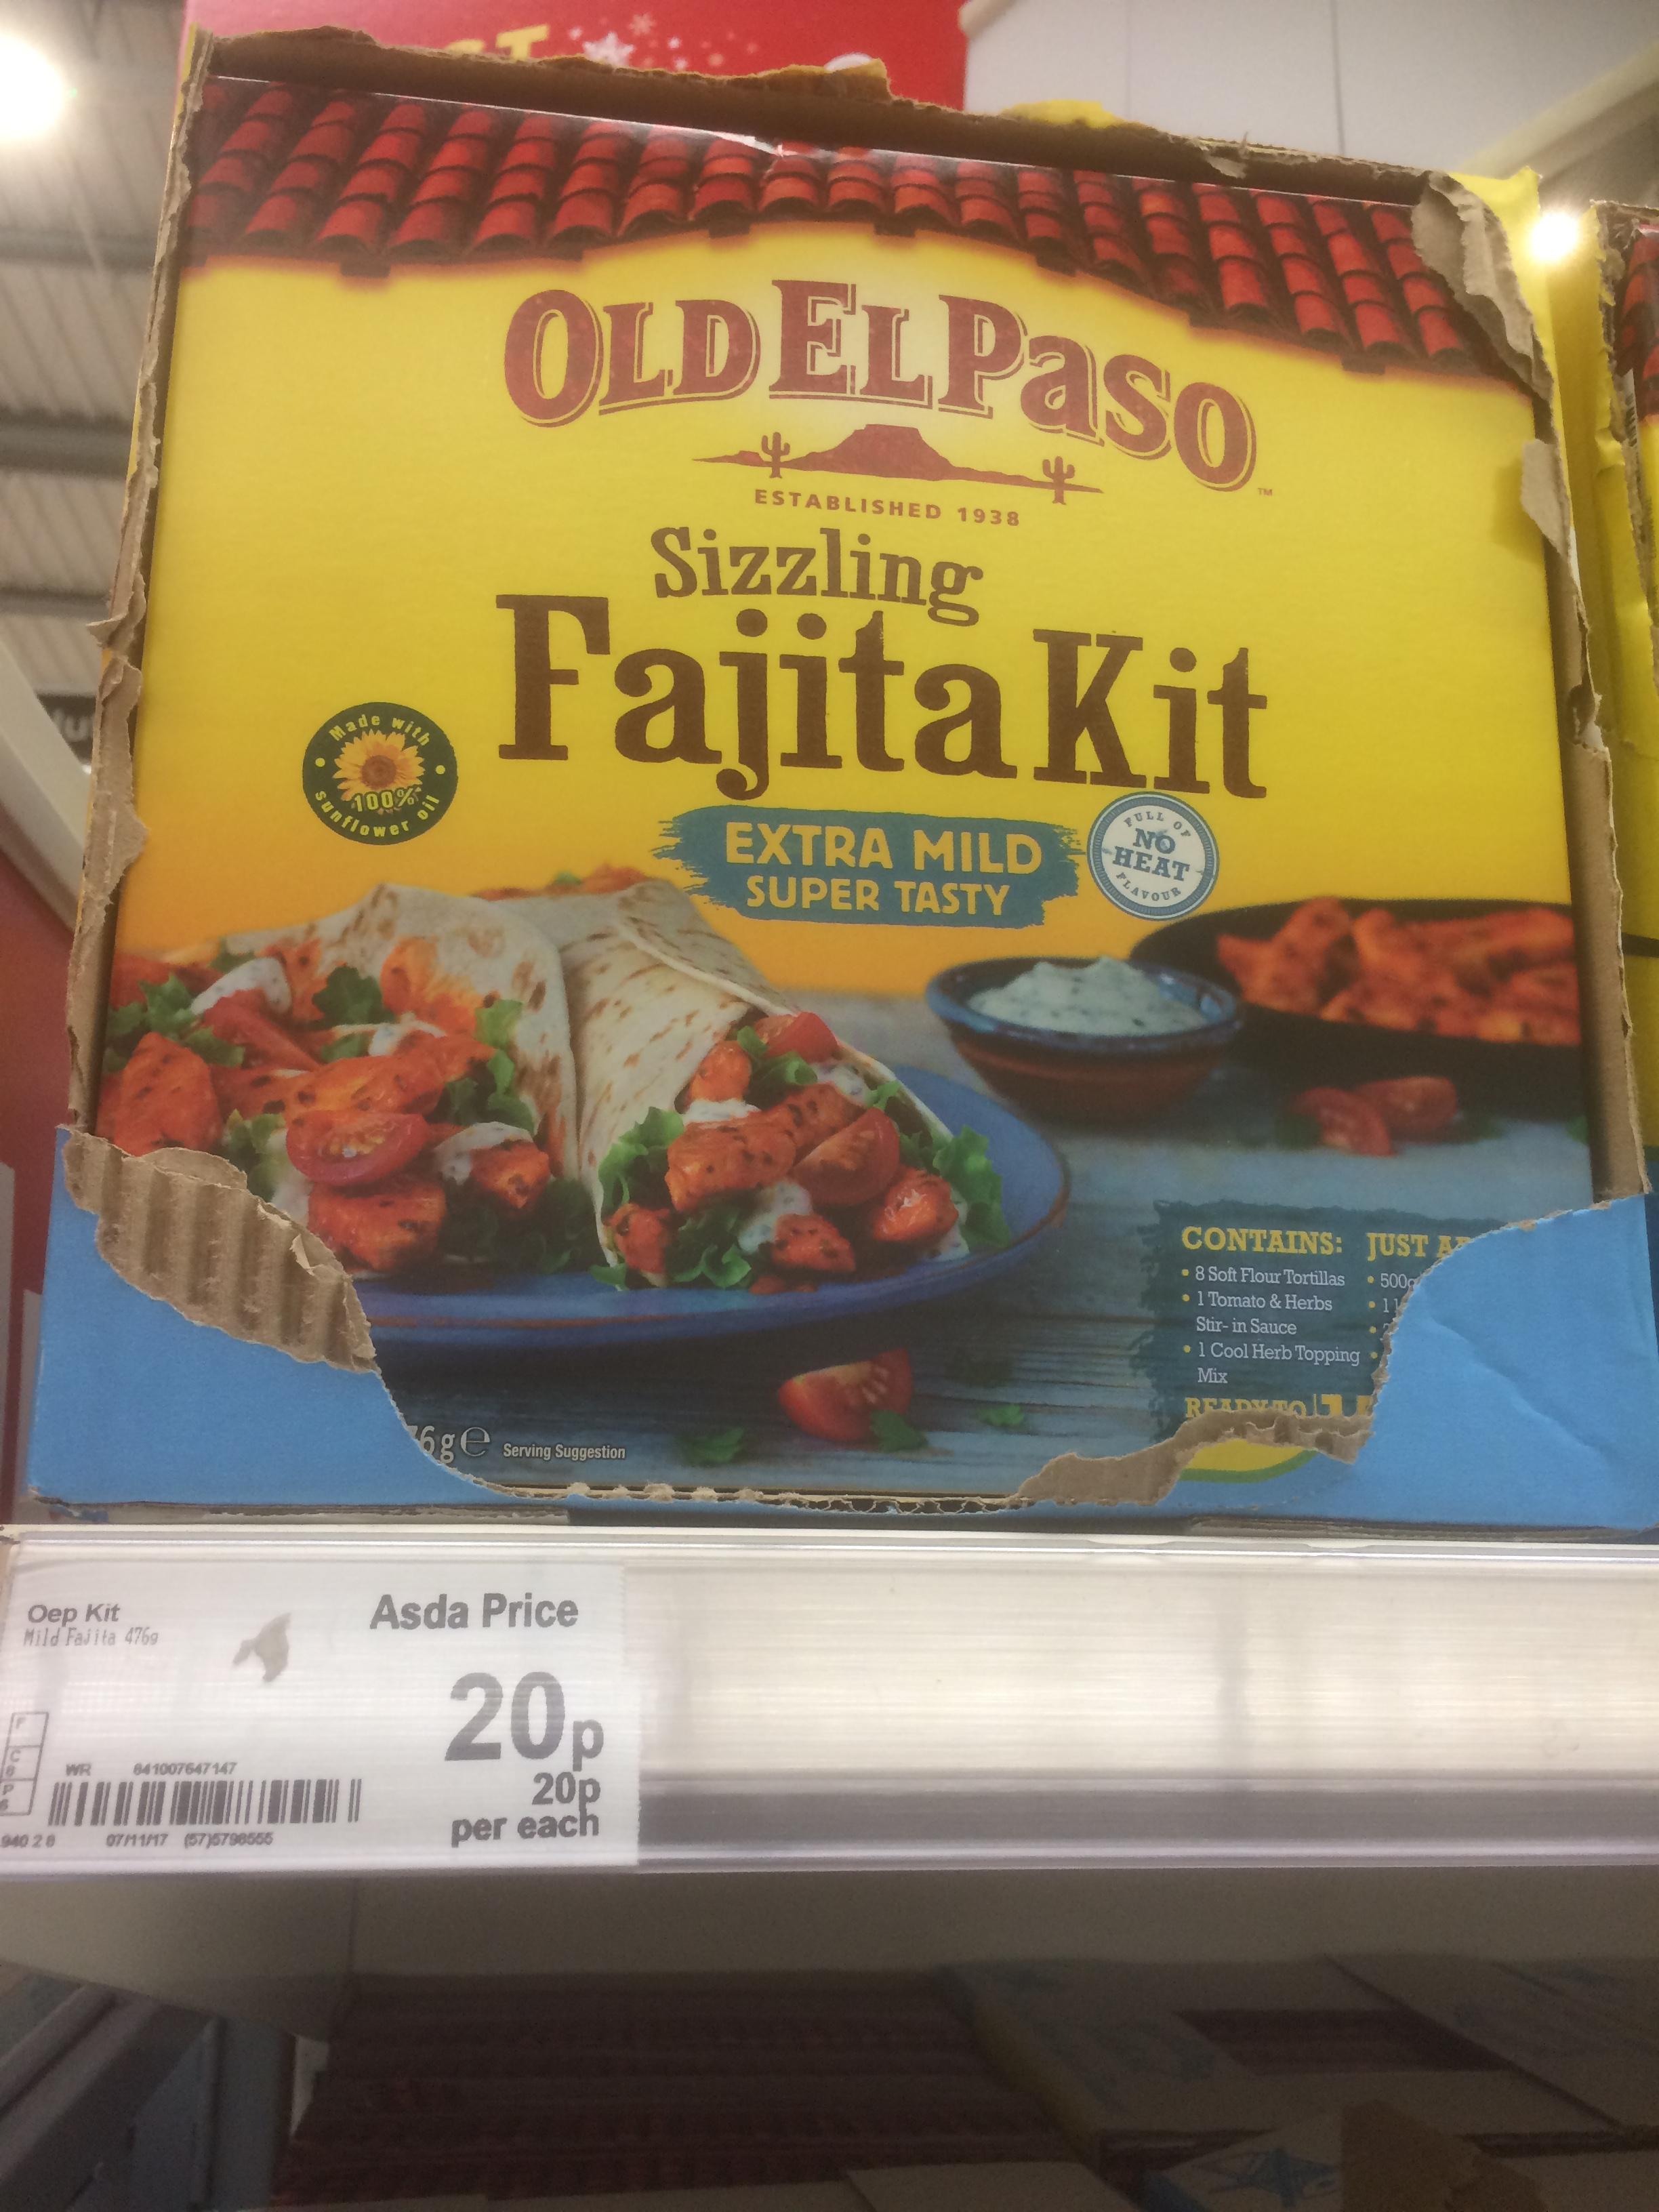 Old El Paso sizzling Fajita kit 20p @ Asda - Chesser Aven